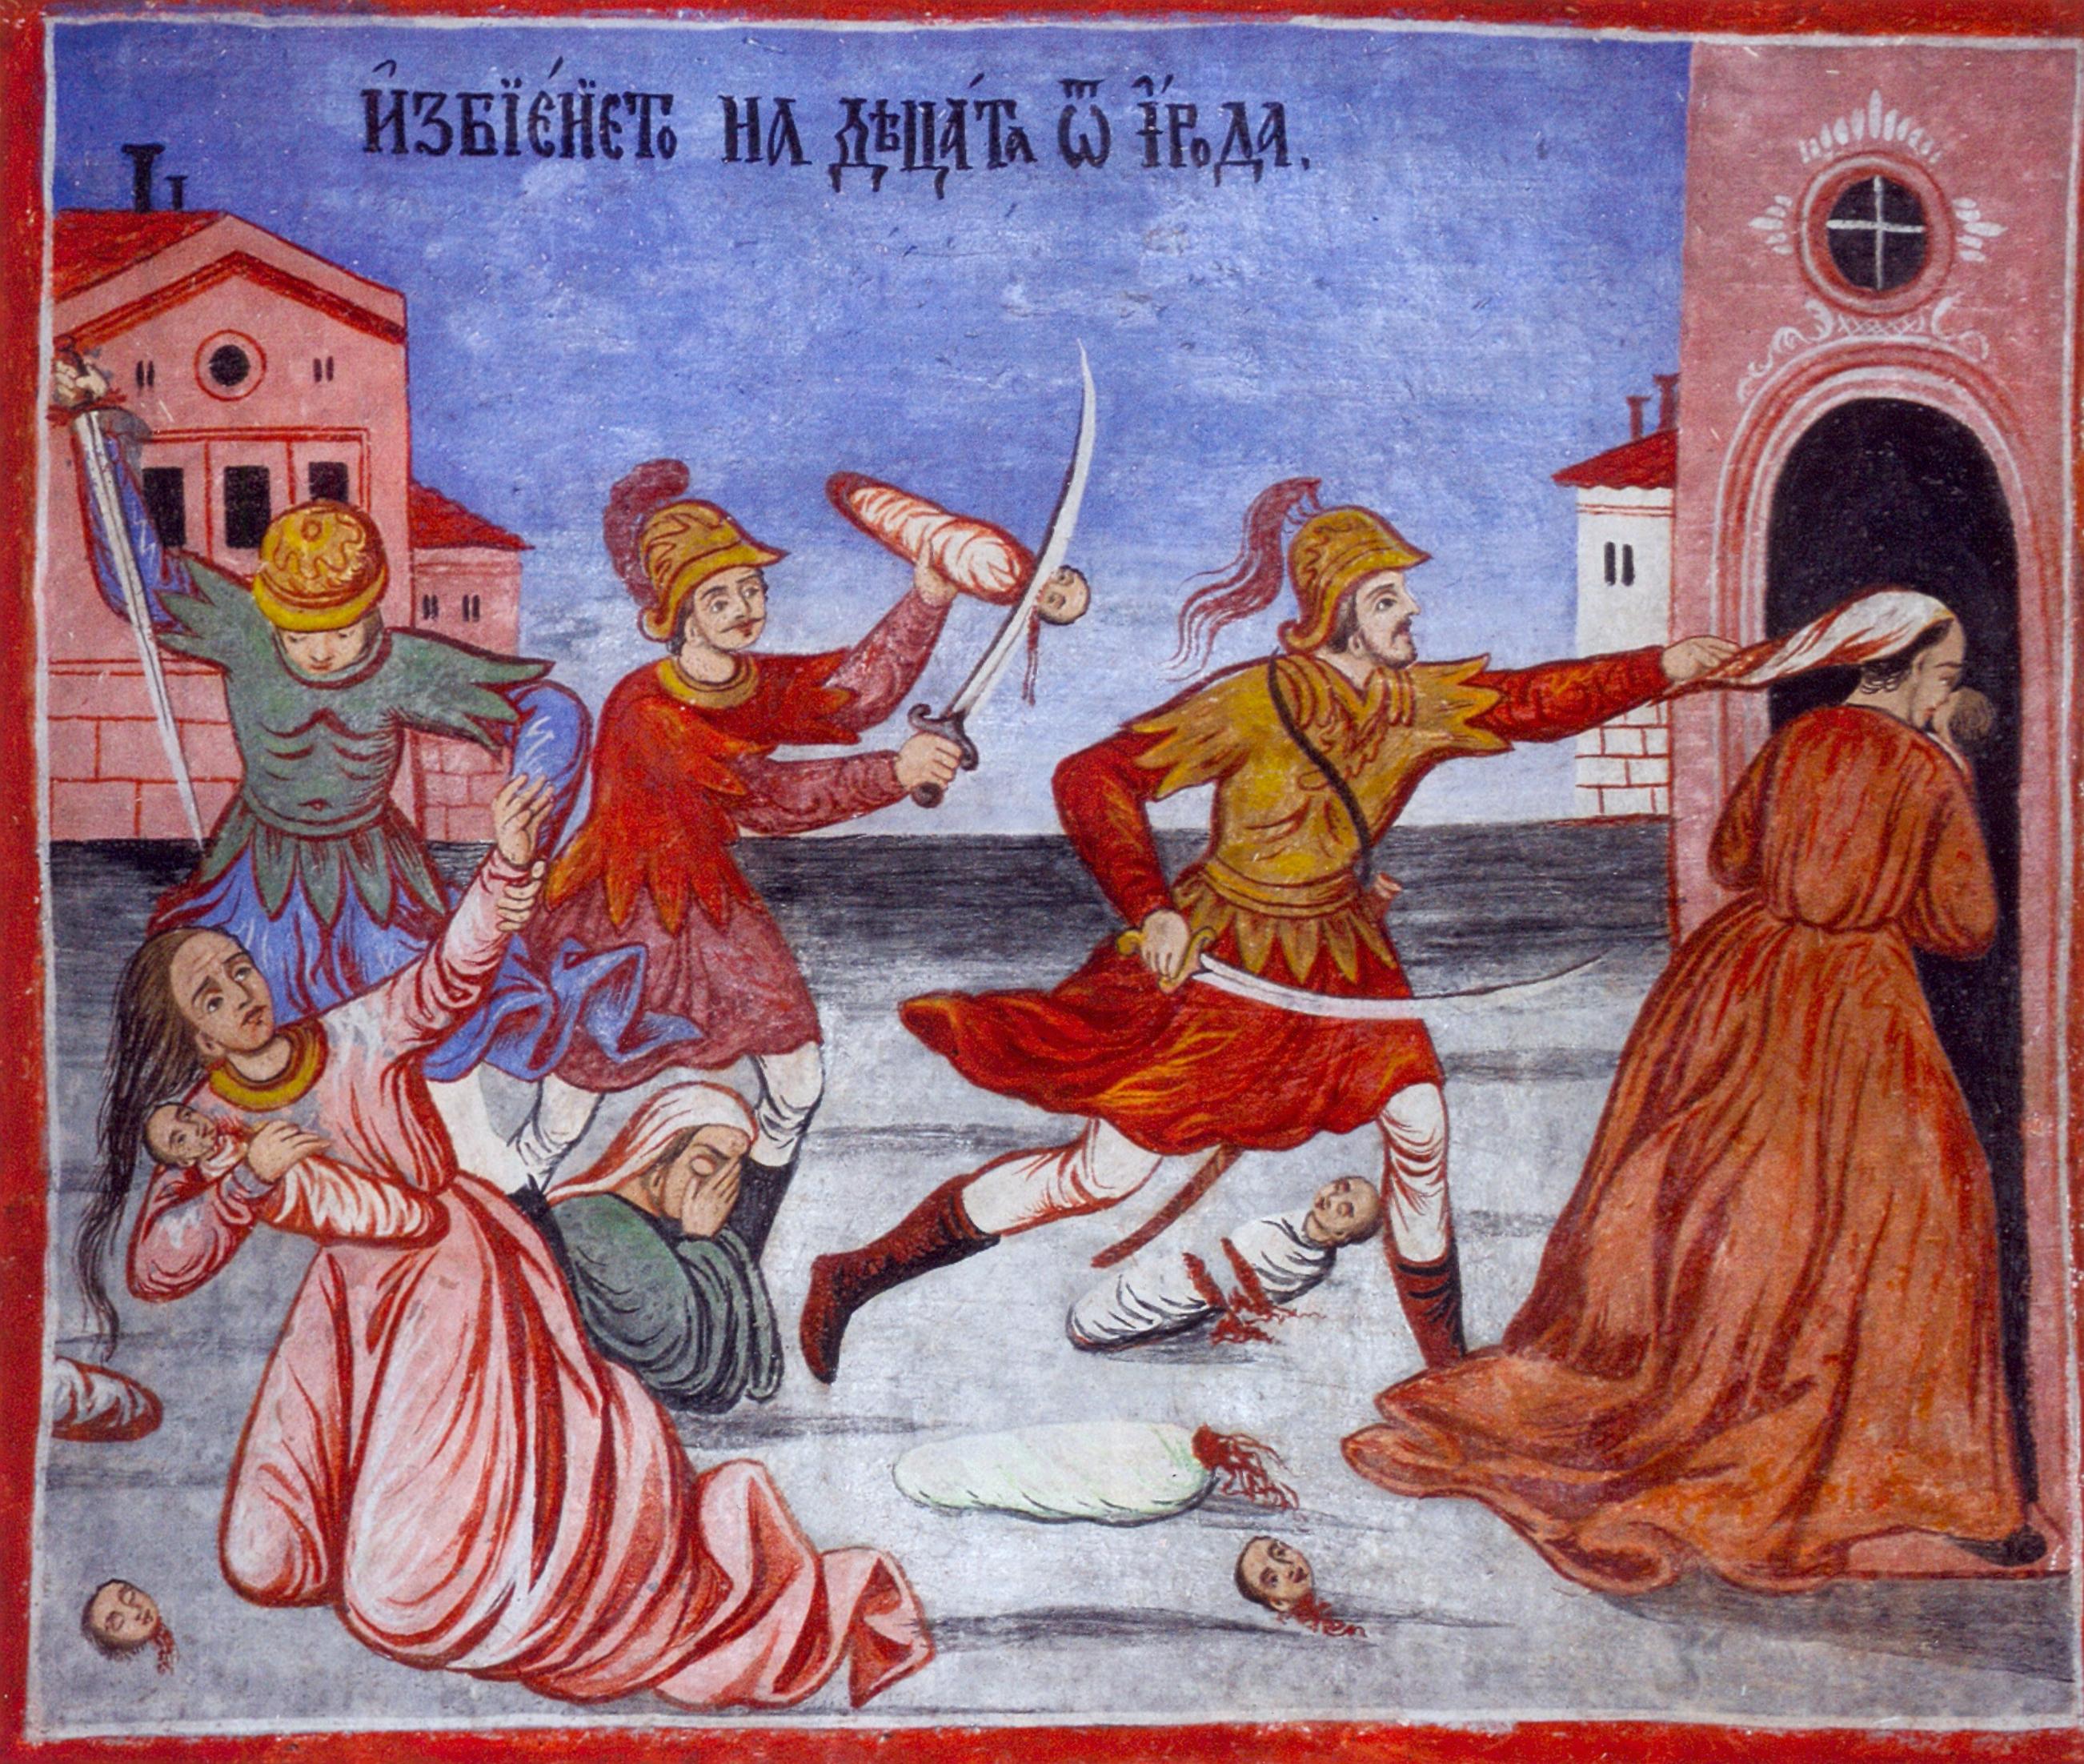 Nikola-Obrazopisov-Belyova-church-Massacre-of-the-Innocents-1869.jpg